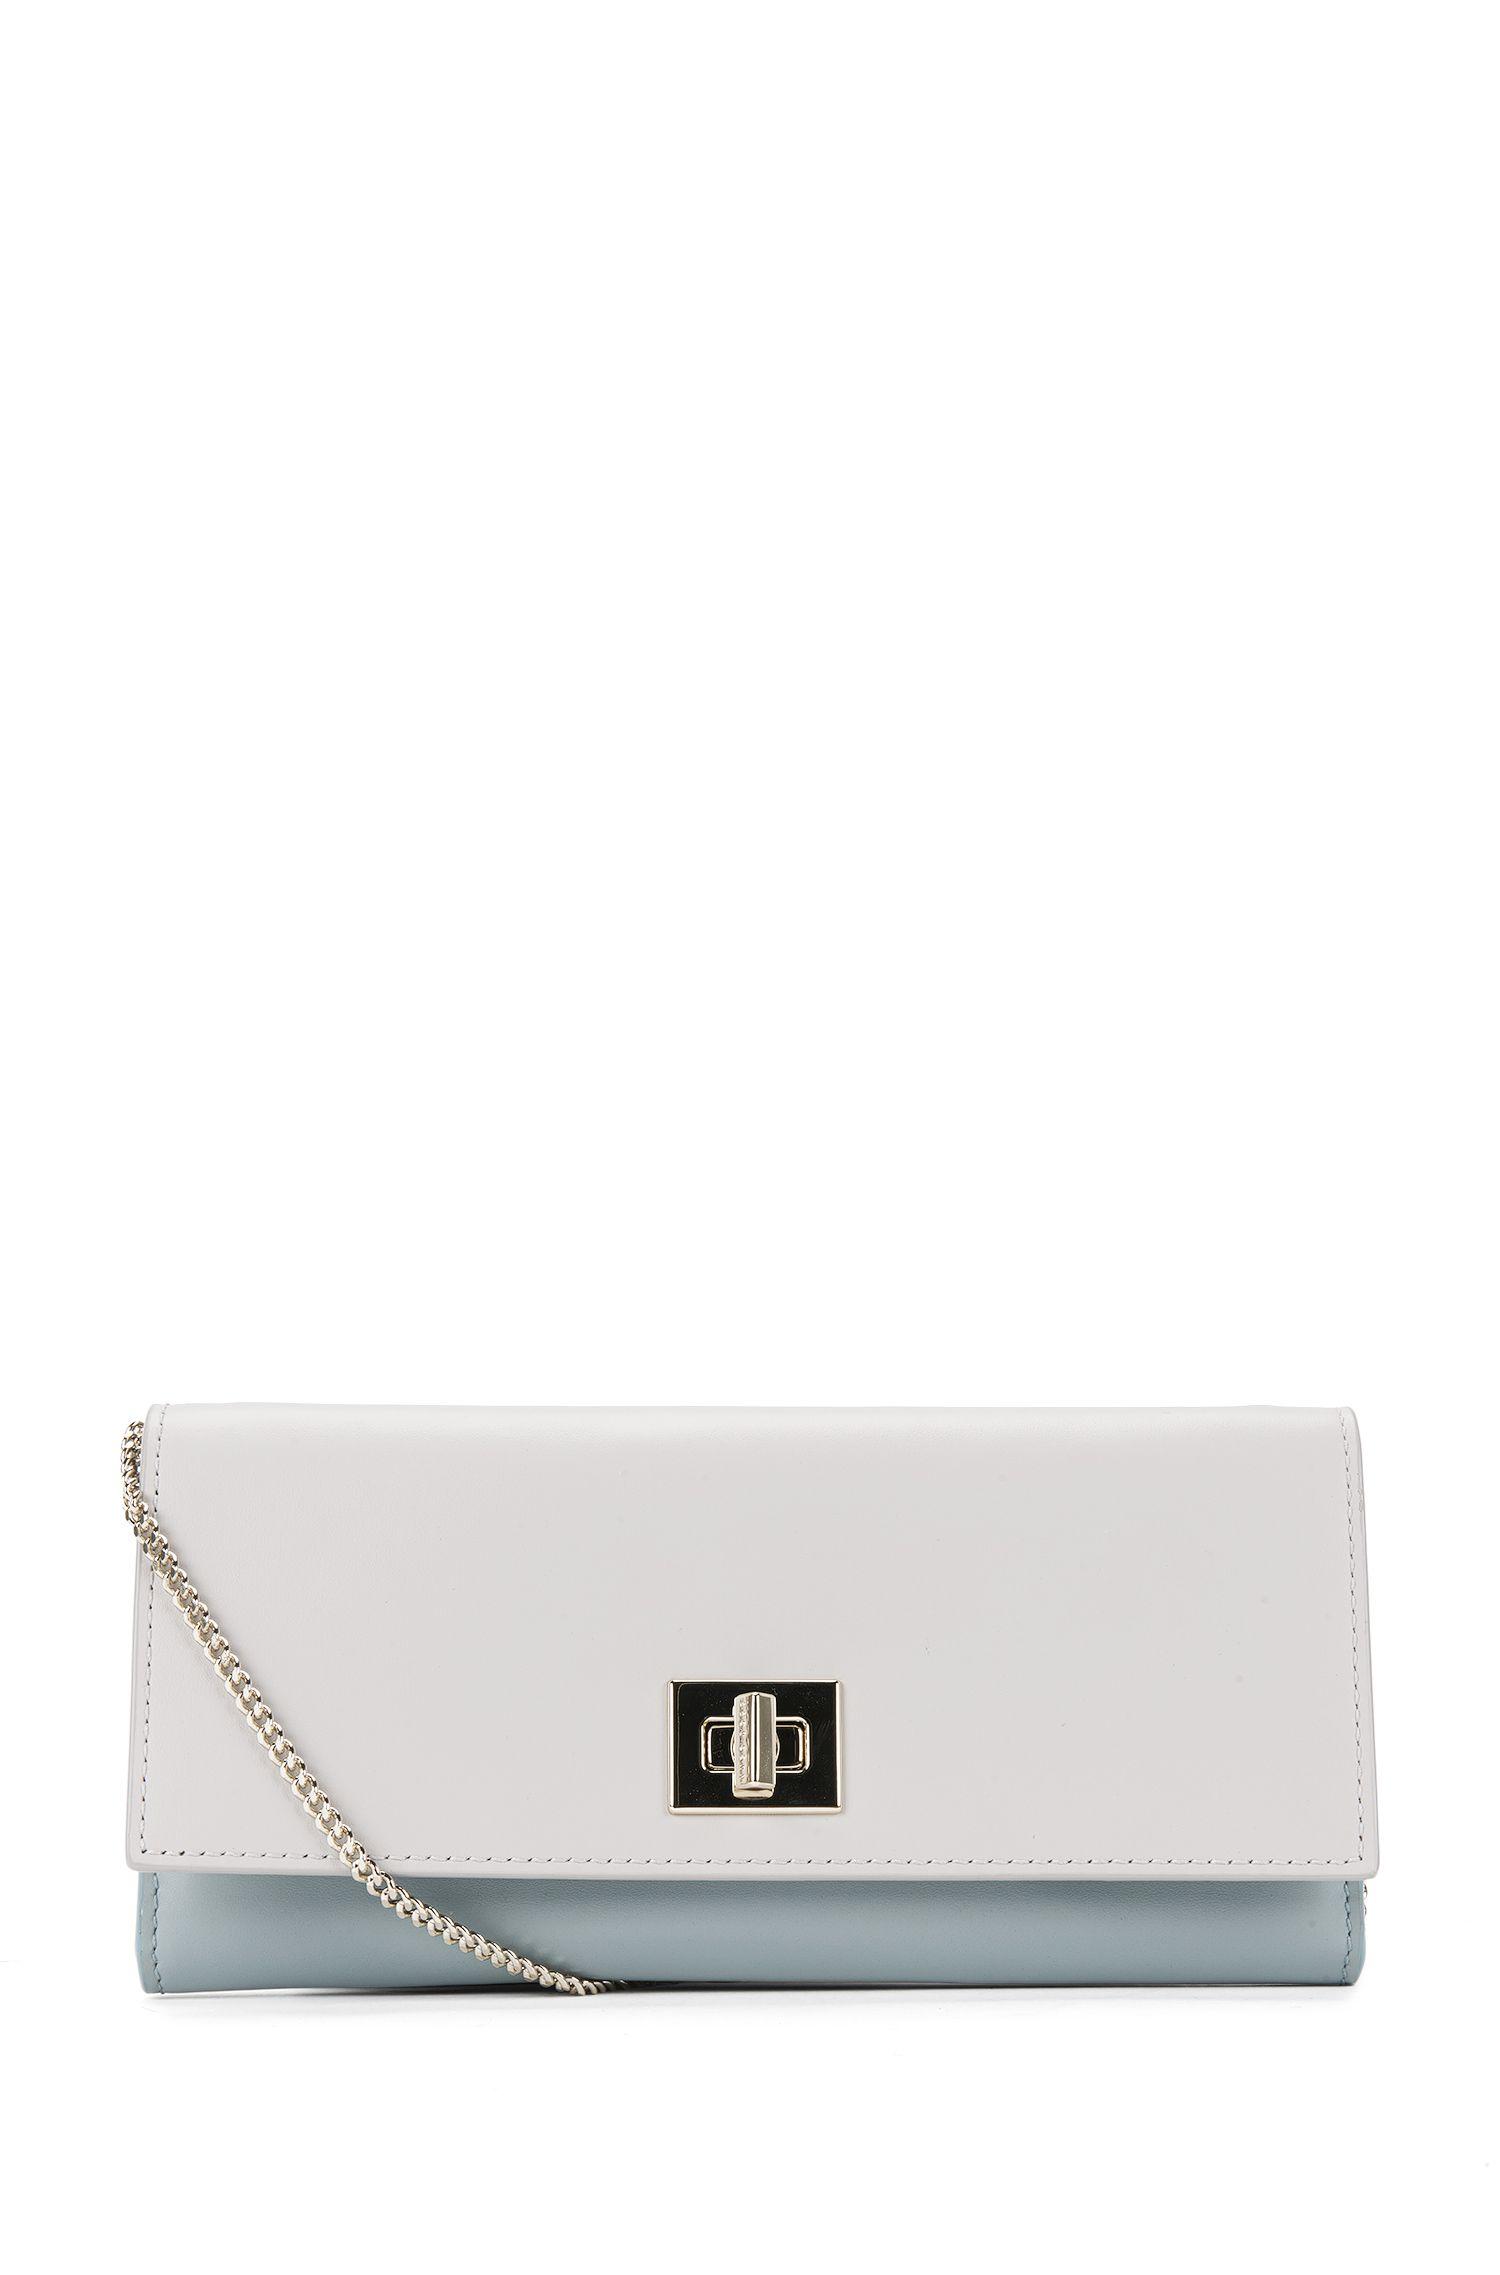 'Bespoke Cont-B' | Calfskin Clutch Wallet, Chain Strap